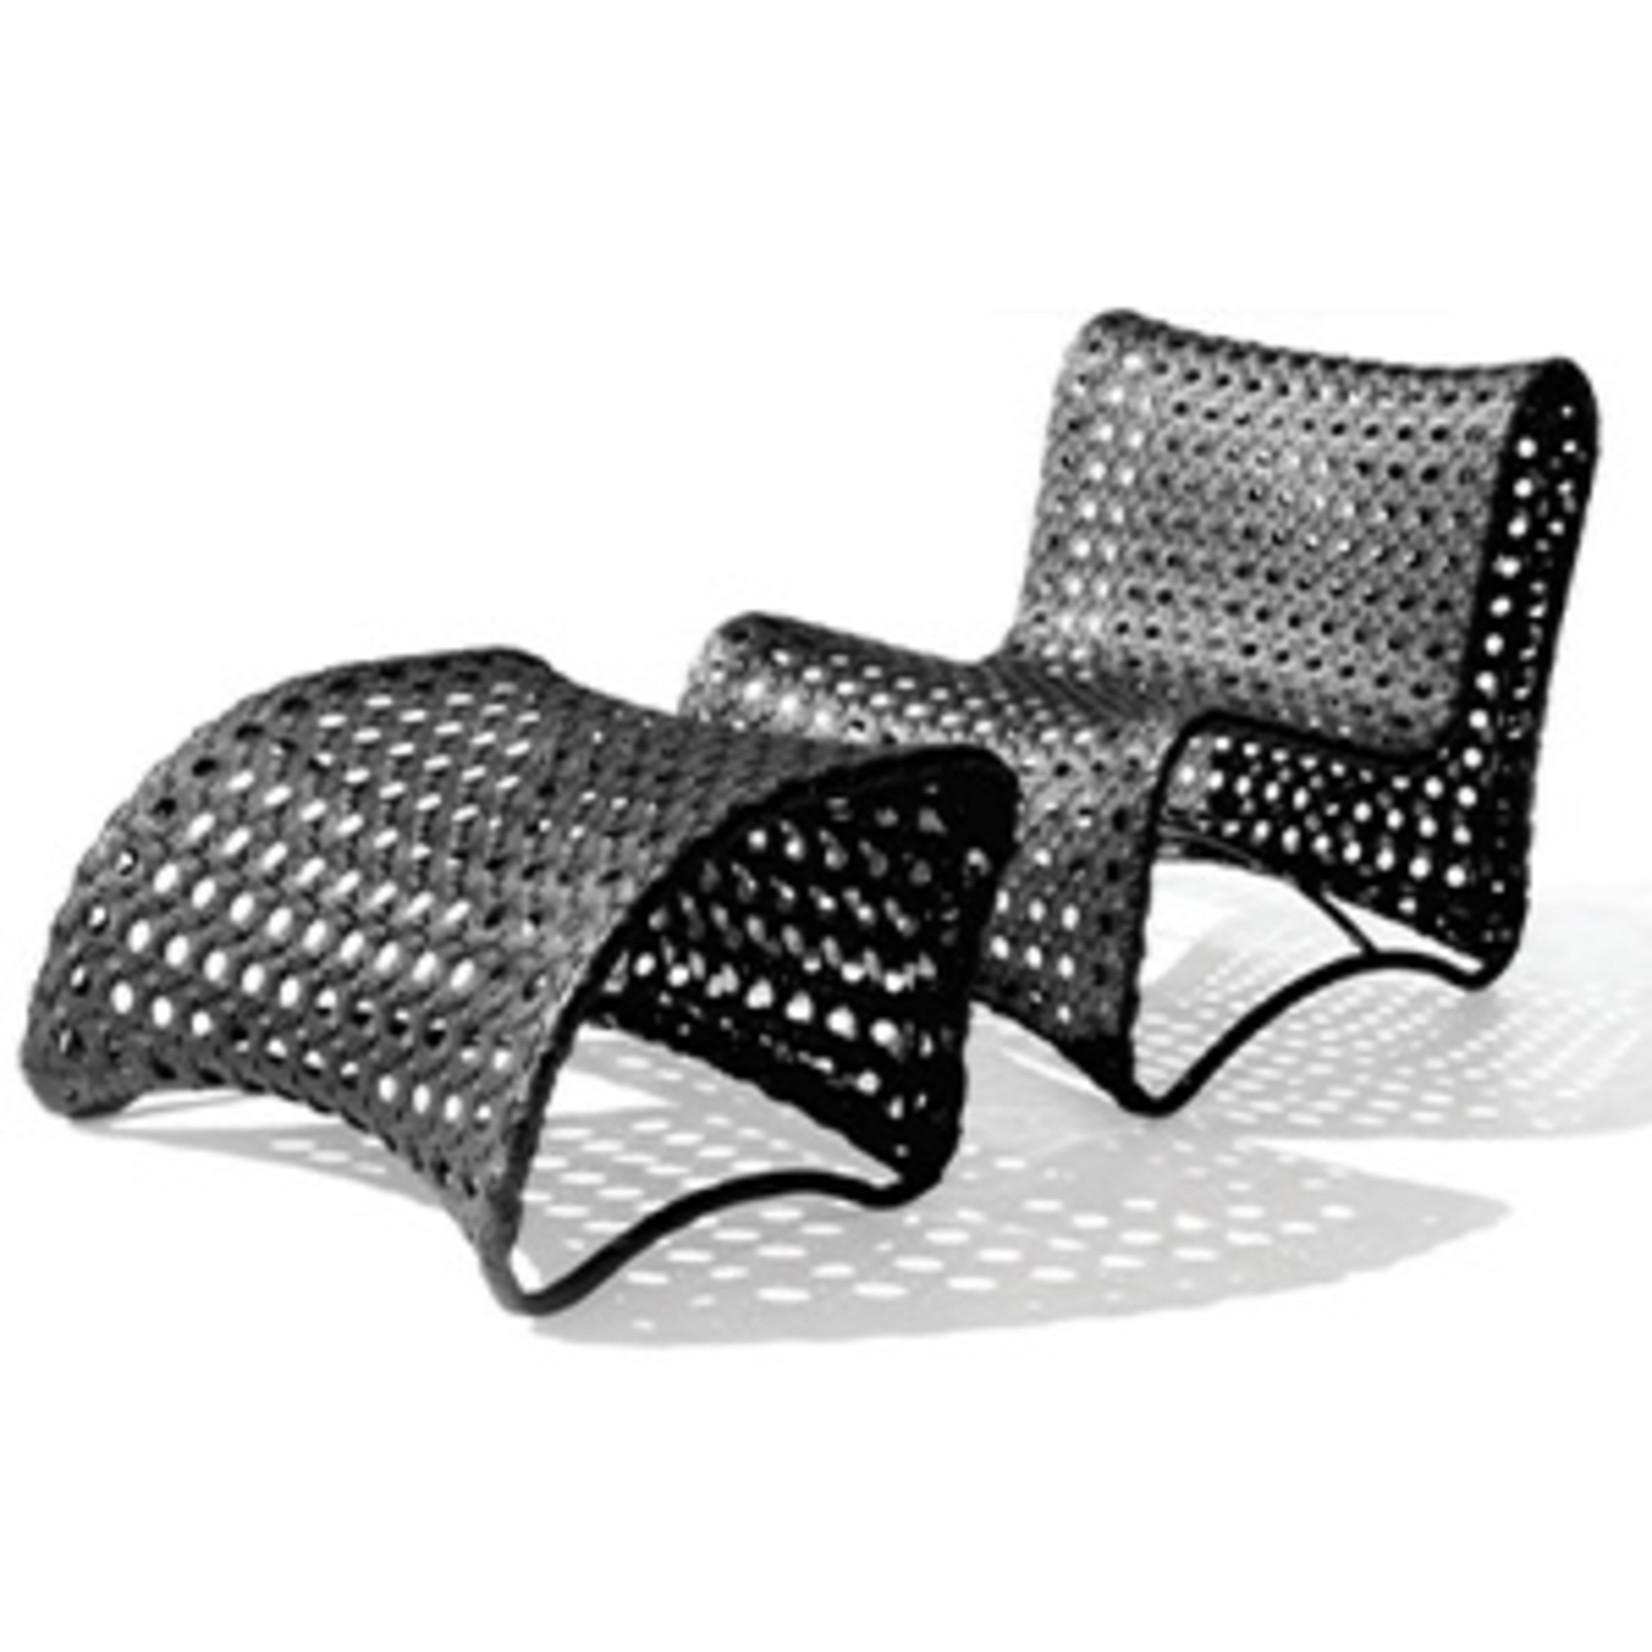 Harmony Studio Diva Lounge chair